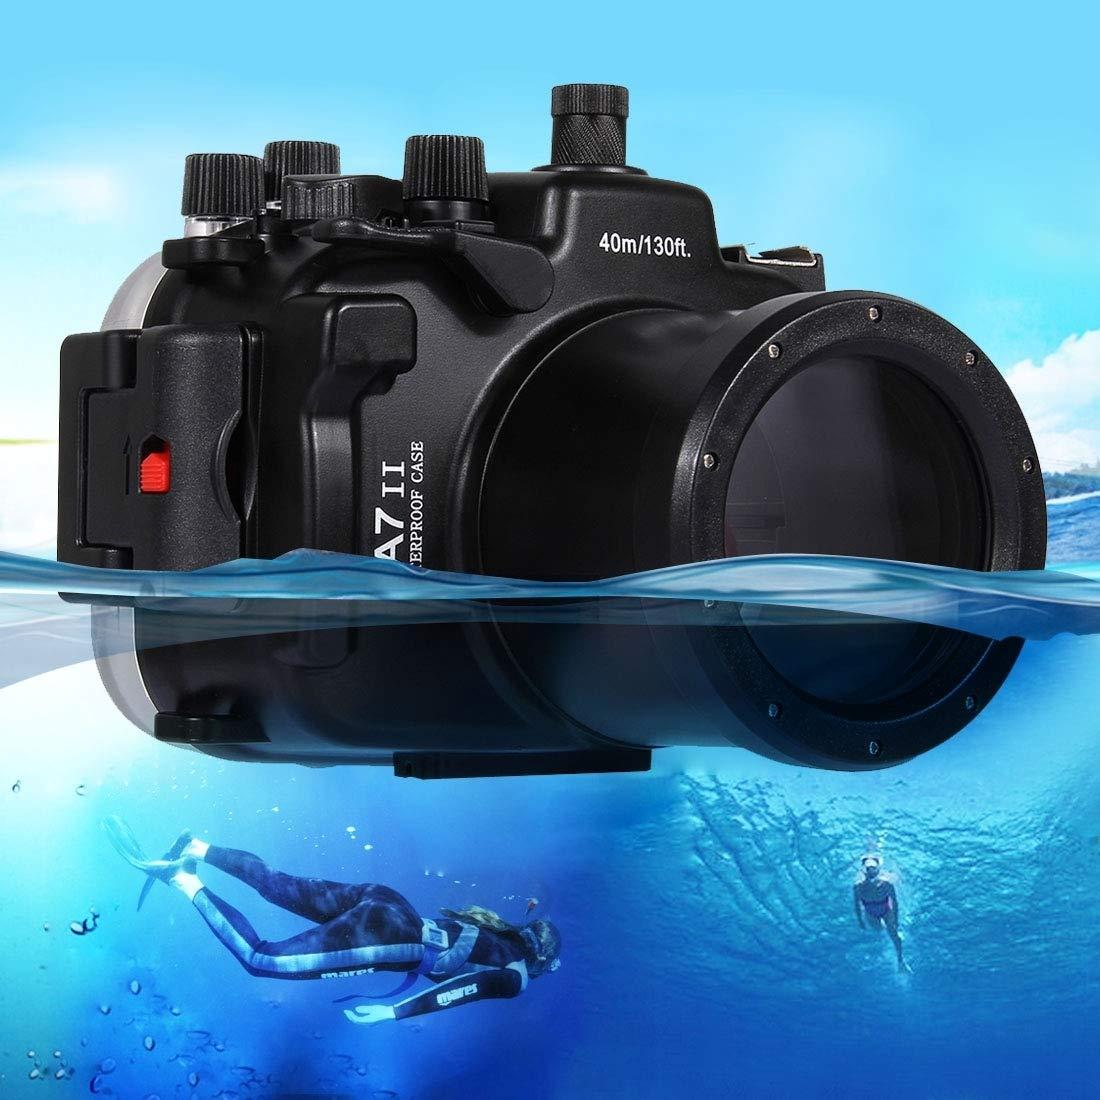 ソニーA7 II / A7R II / A7S IIのための40メートル水中深度ダイビングケース防水カメラハウジング   B07PFCLP4S